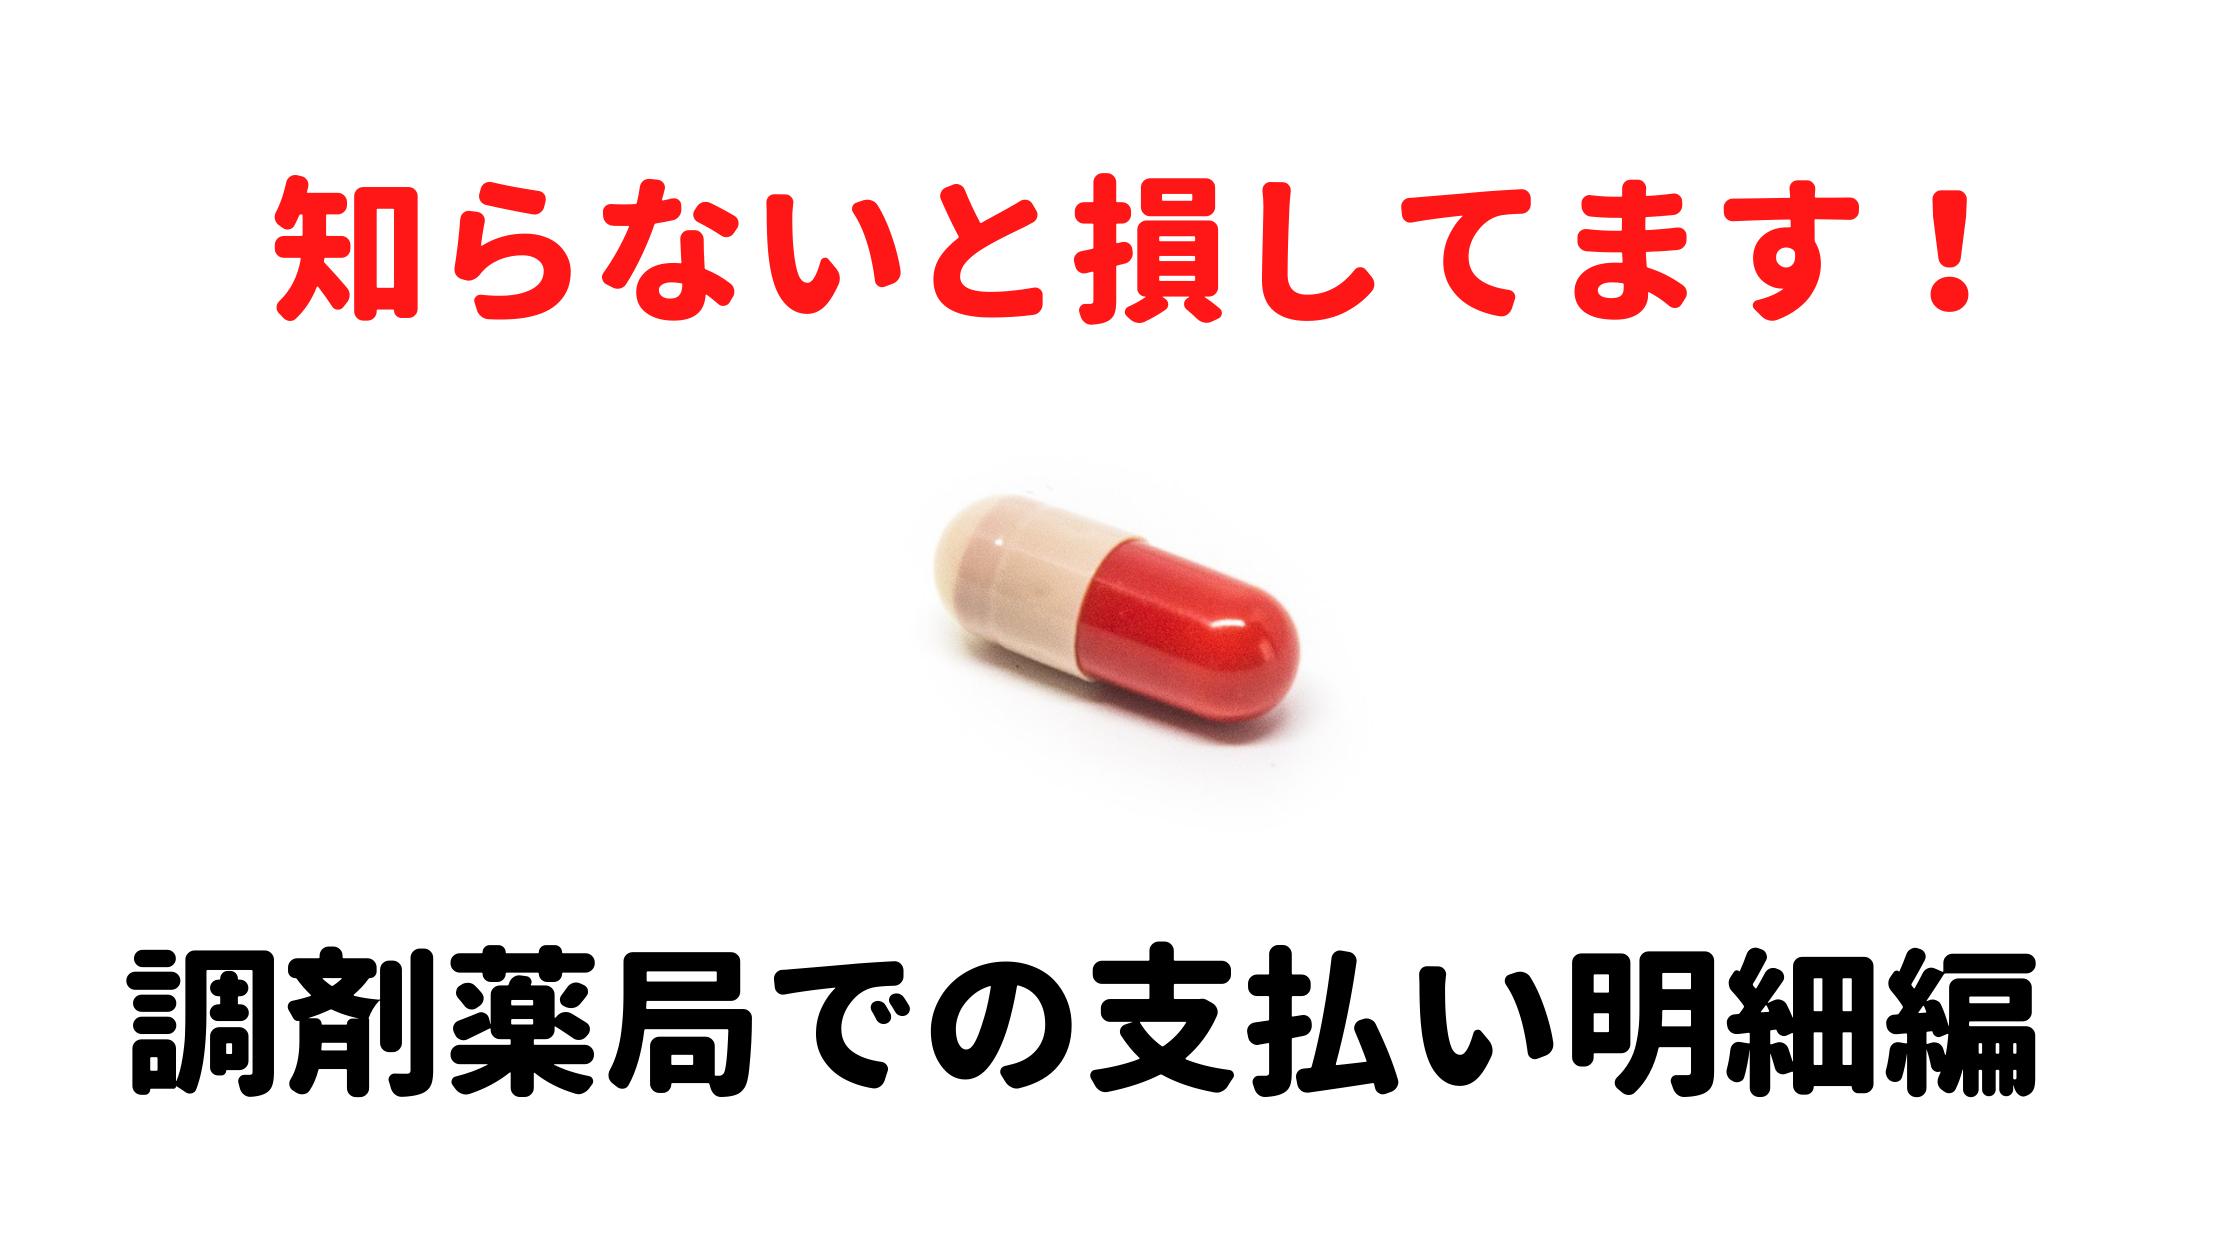 知らないと損をする調剤薬局での支払額の内訳【薬局節約術を解説】